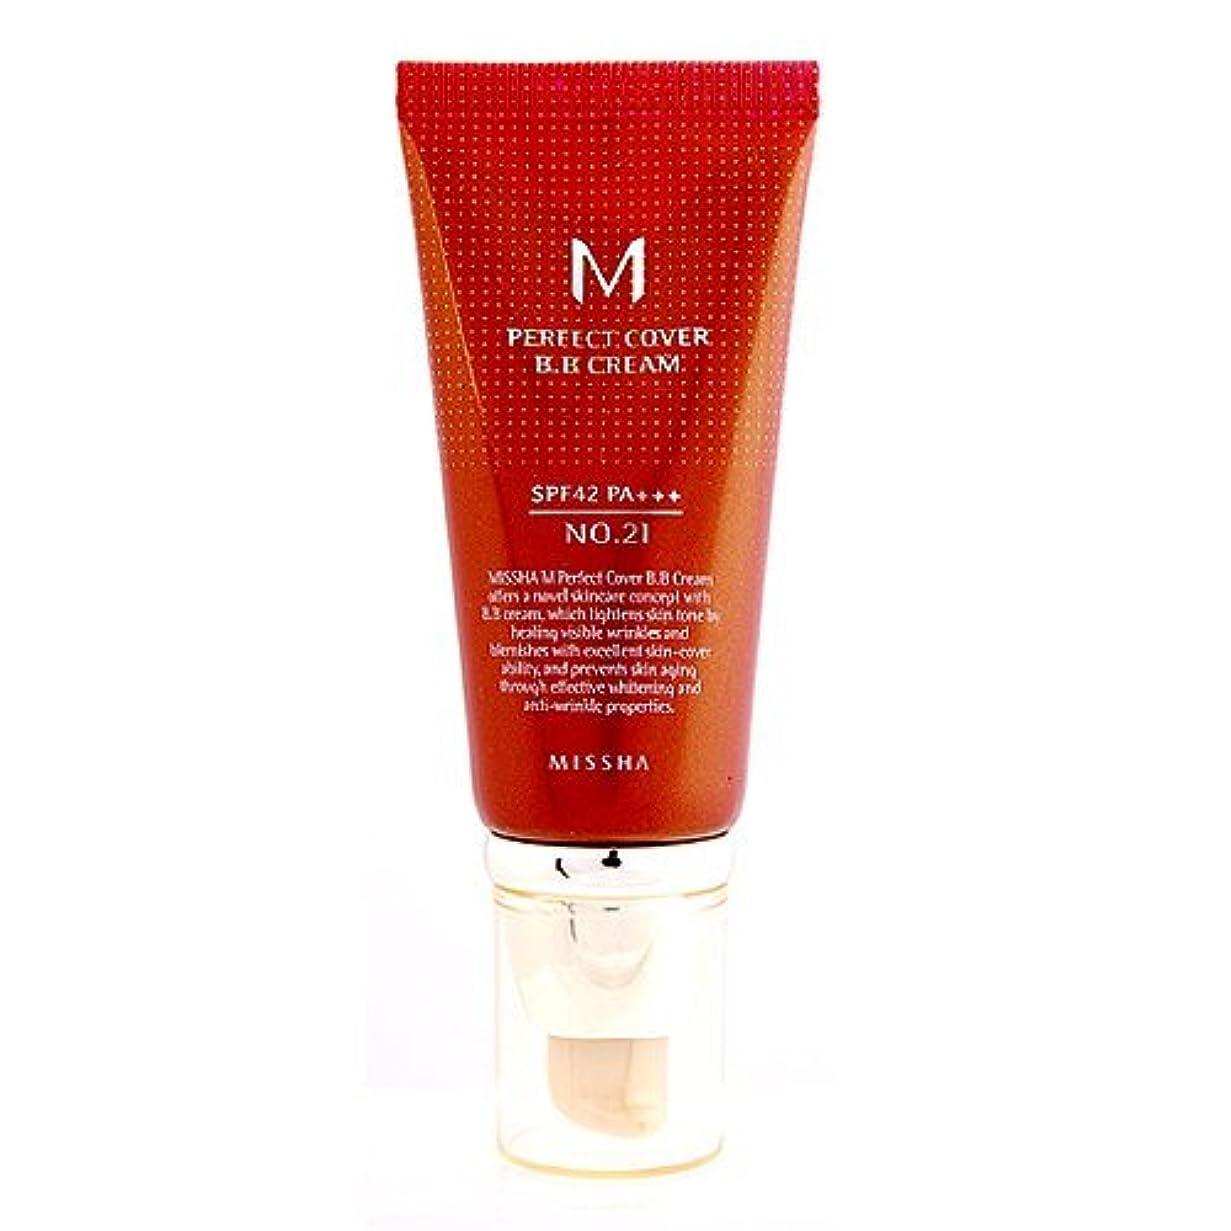 ダーリン遵守する招待Missha M Perfect Cover B.B. Cream SPF 42 PA+++ 21 Light Beige, 1.69oz, 50ml